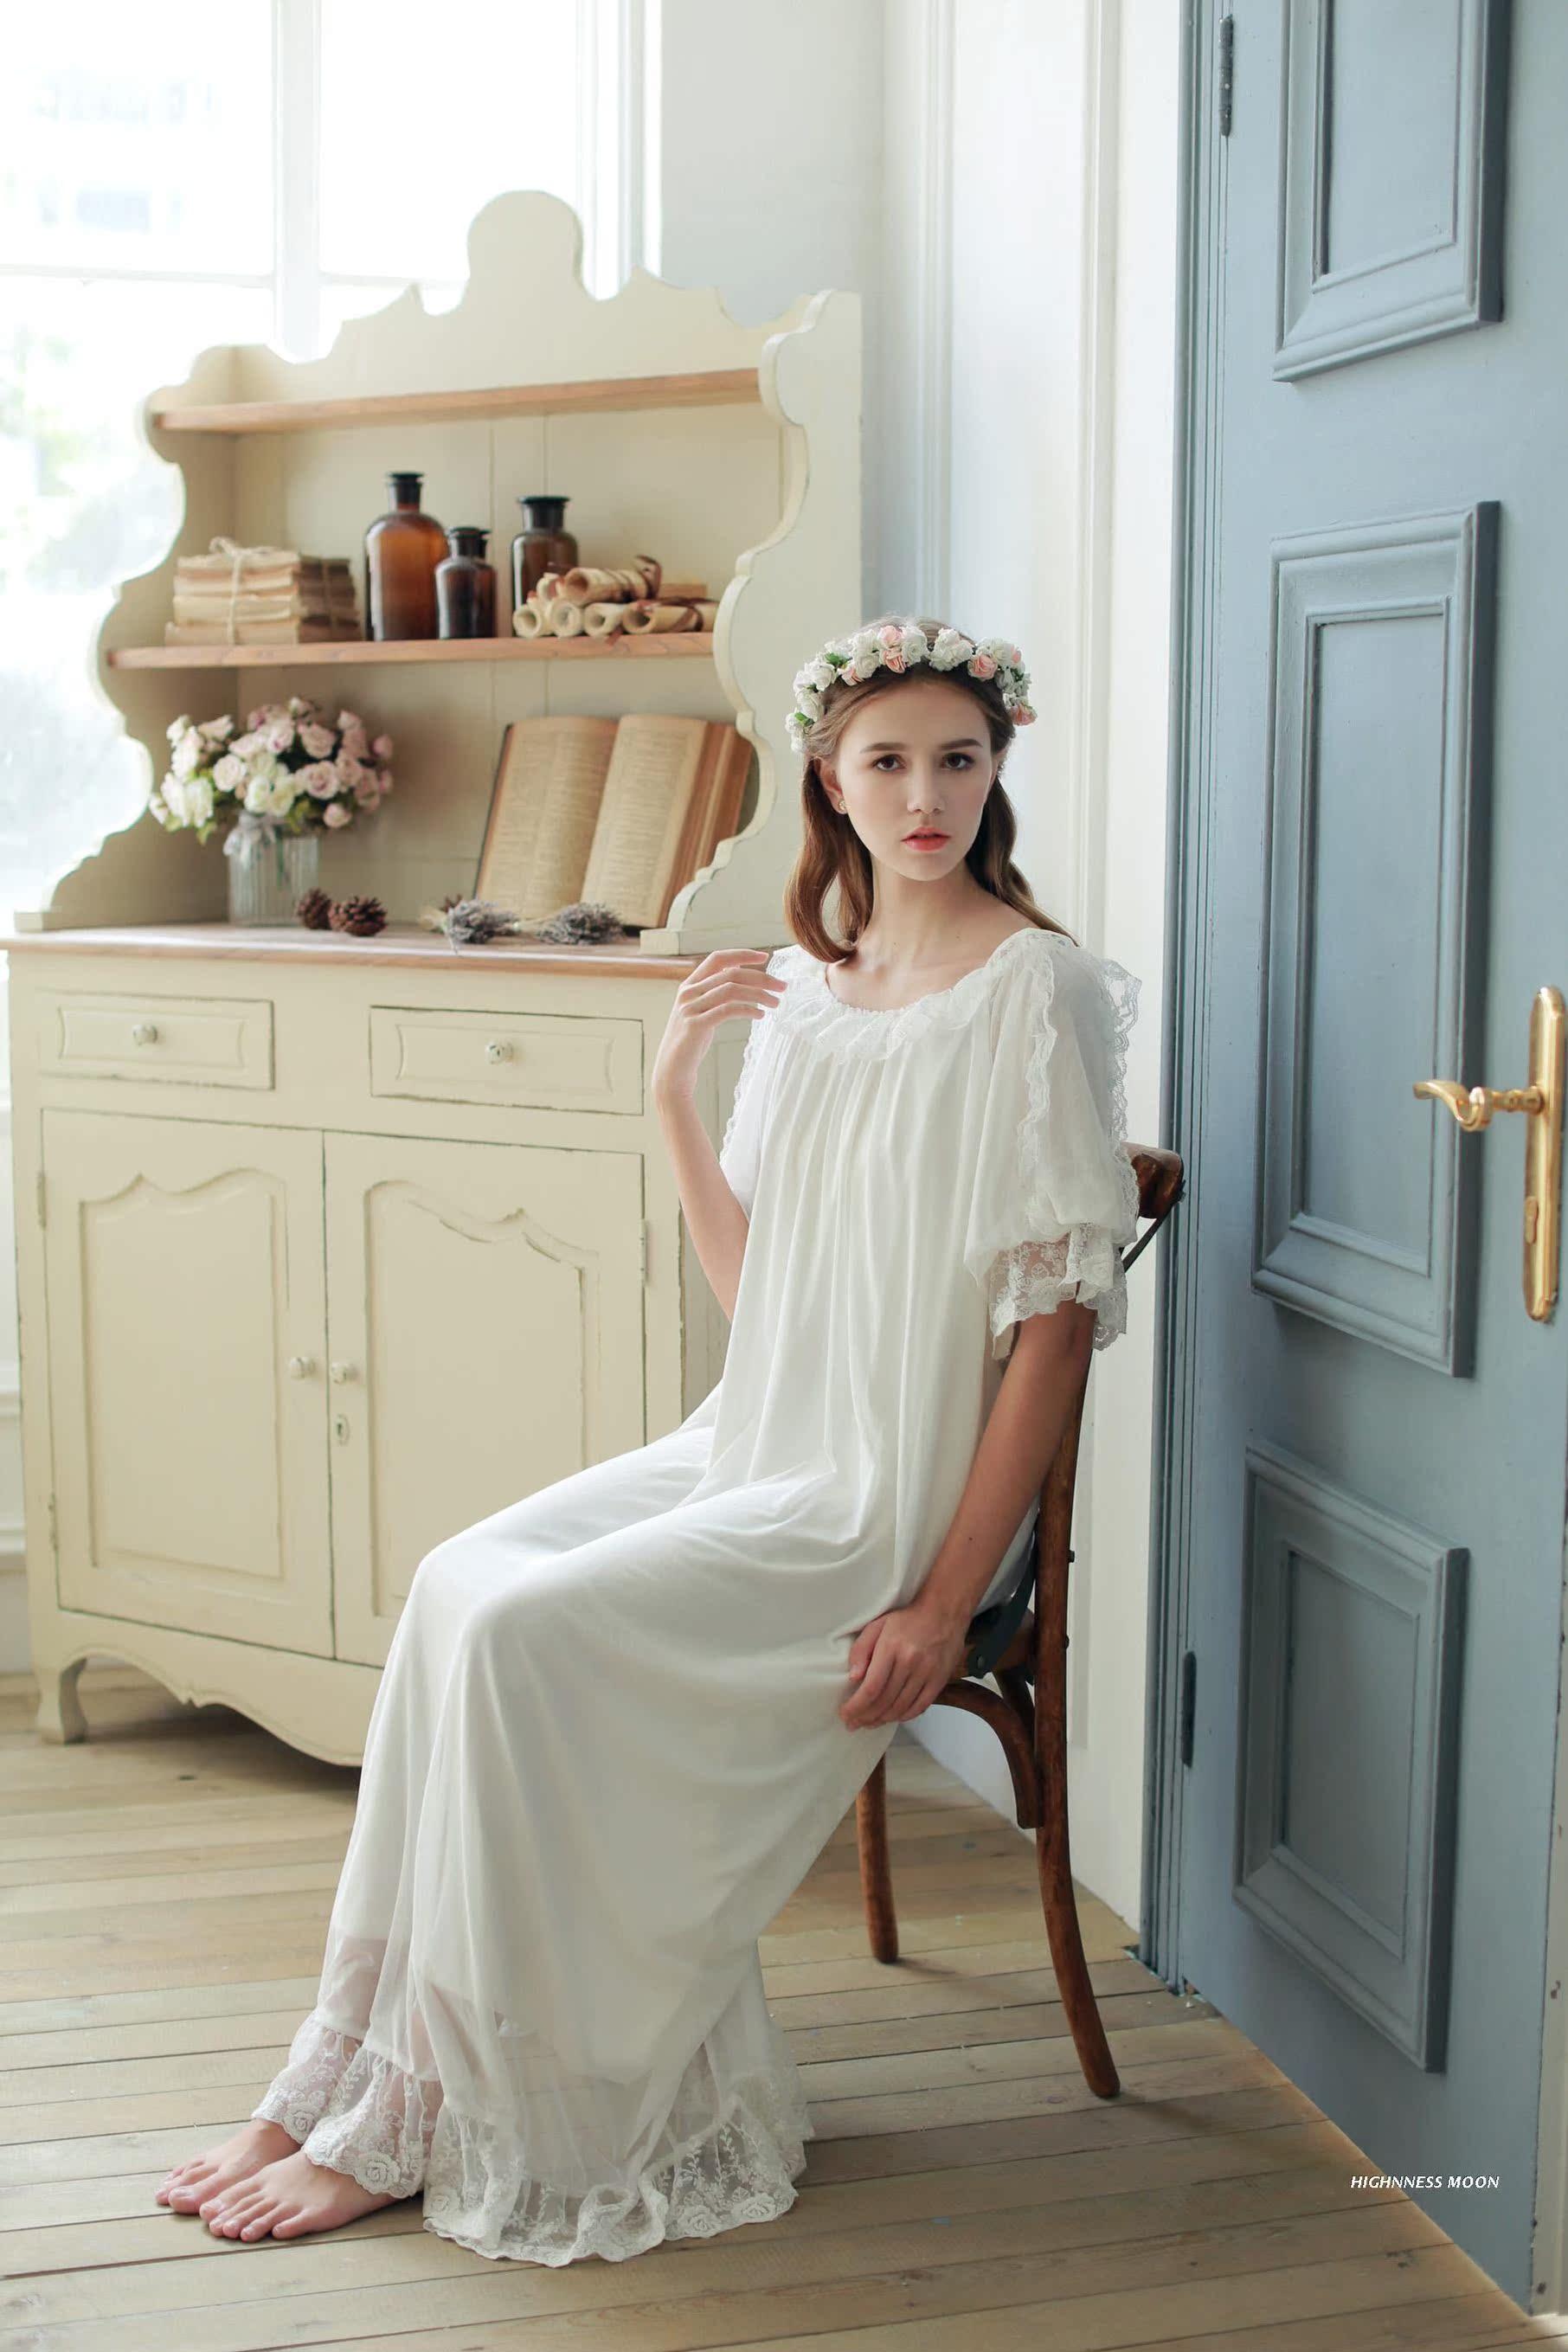 4d29549002 ... lightbox moreview · lightbox moreview · lightbox moreview · lightbox  moreview. PrevNext. (Dream)summer Princess lace short sleeve long nightdress  ...